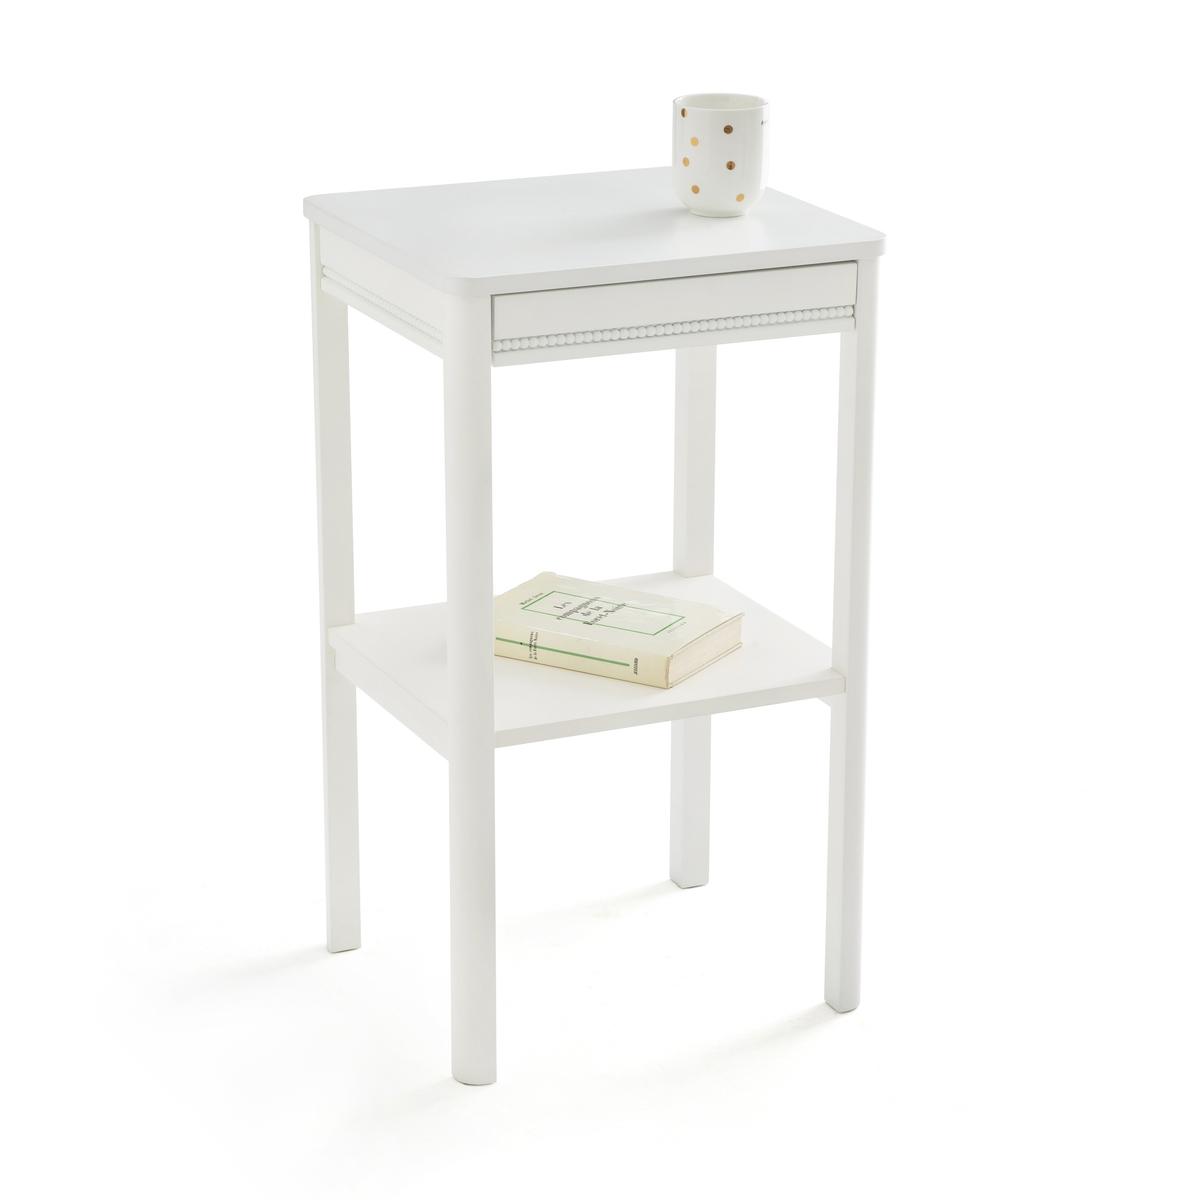 Столик LaRedoute Ночной PERLE единый размер белый